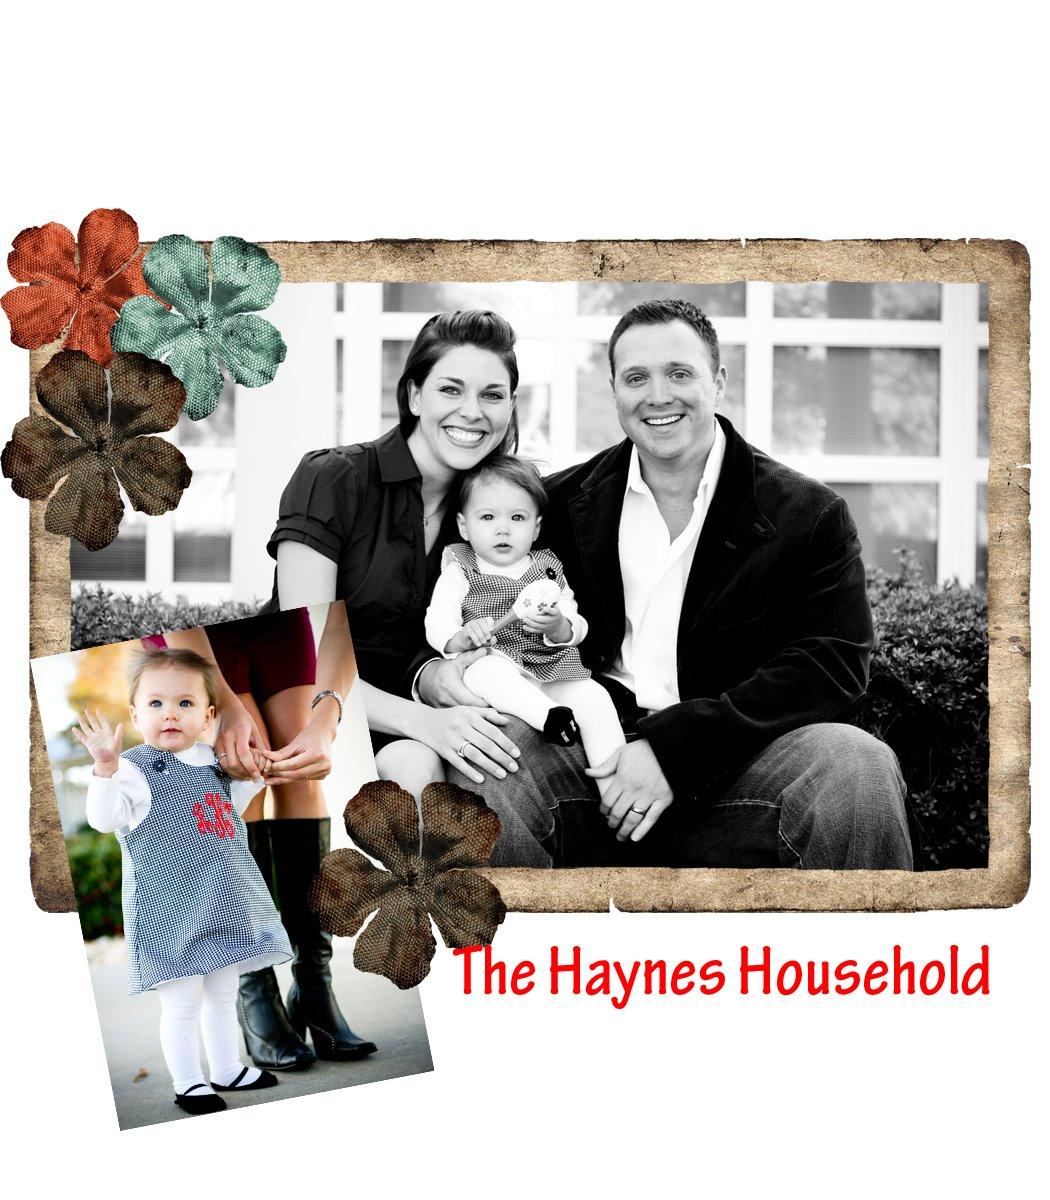 Haynes Household